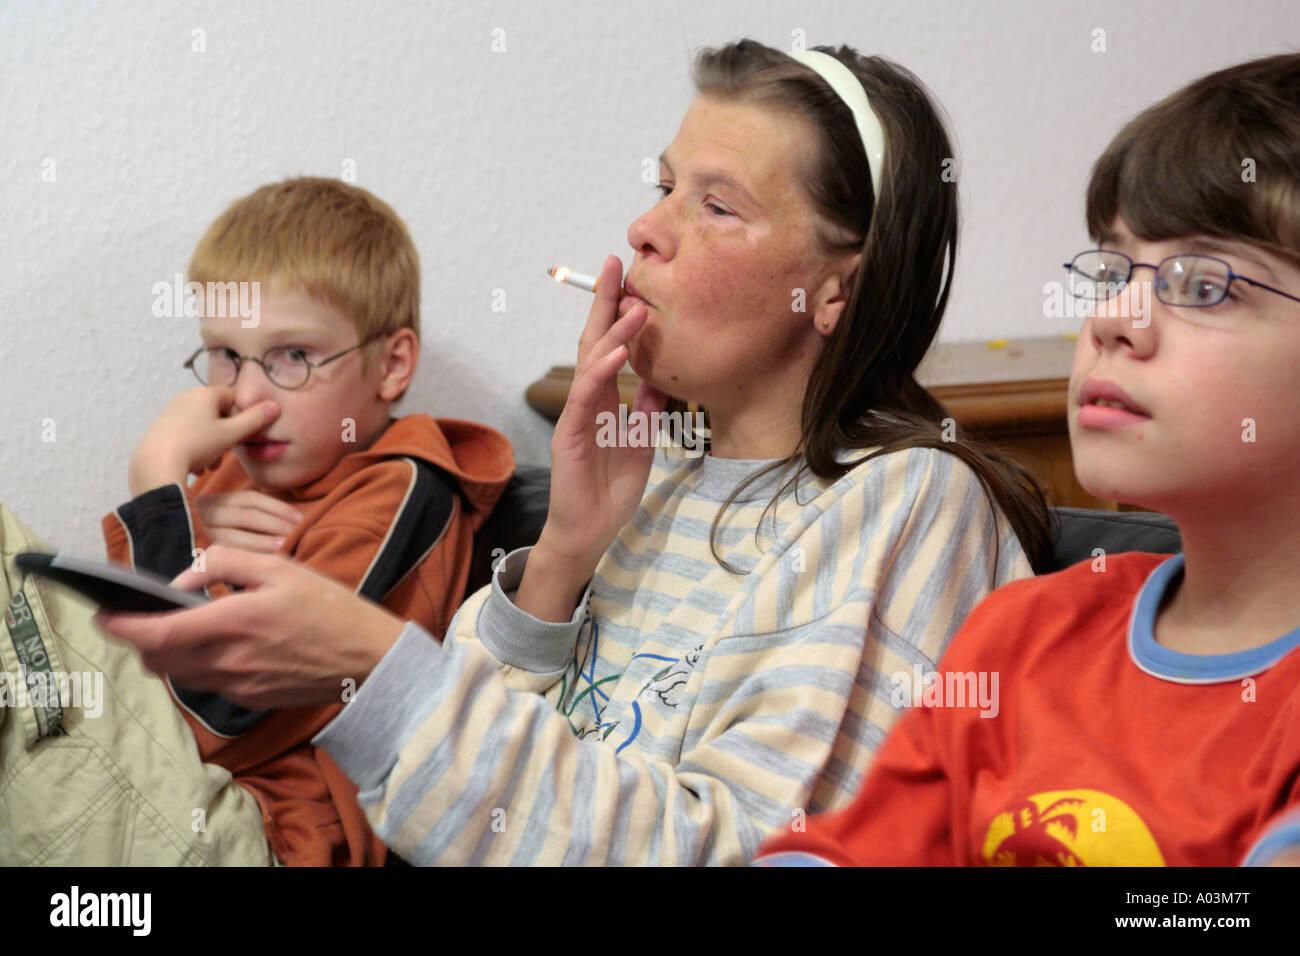 Eine Mutter raucht eine Zigarette beim Fernsehen mit ihren Kindern Stockbild